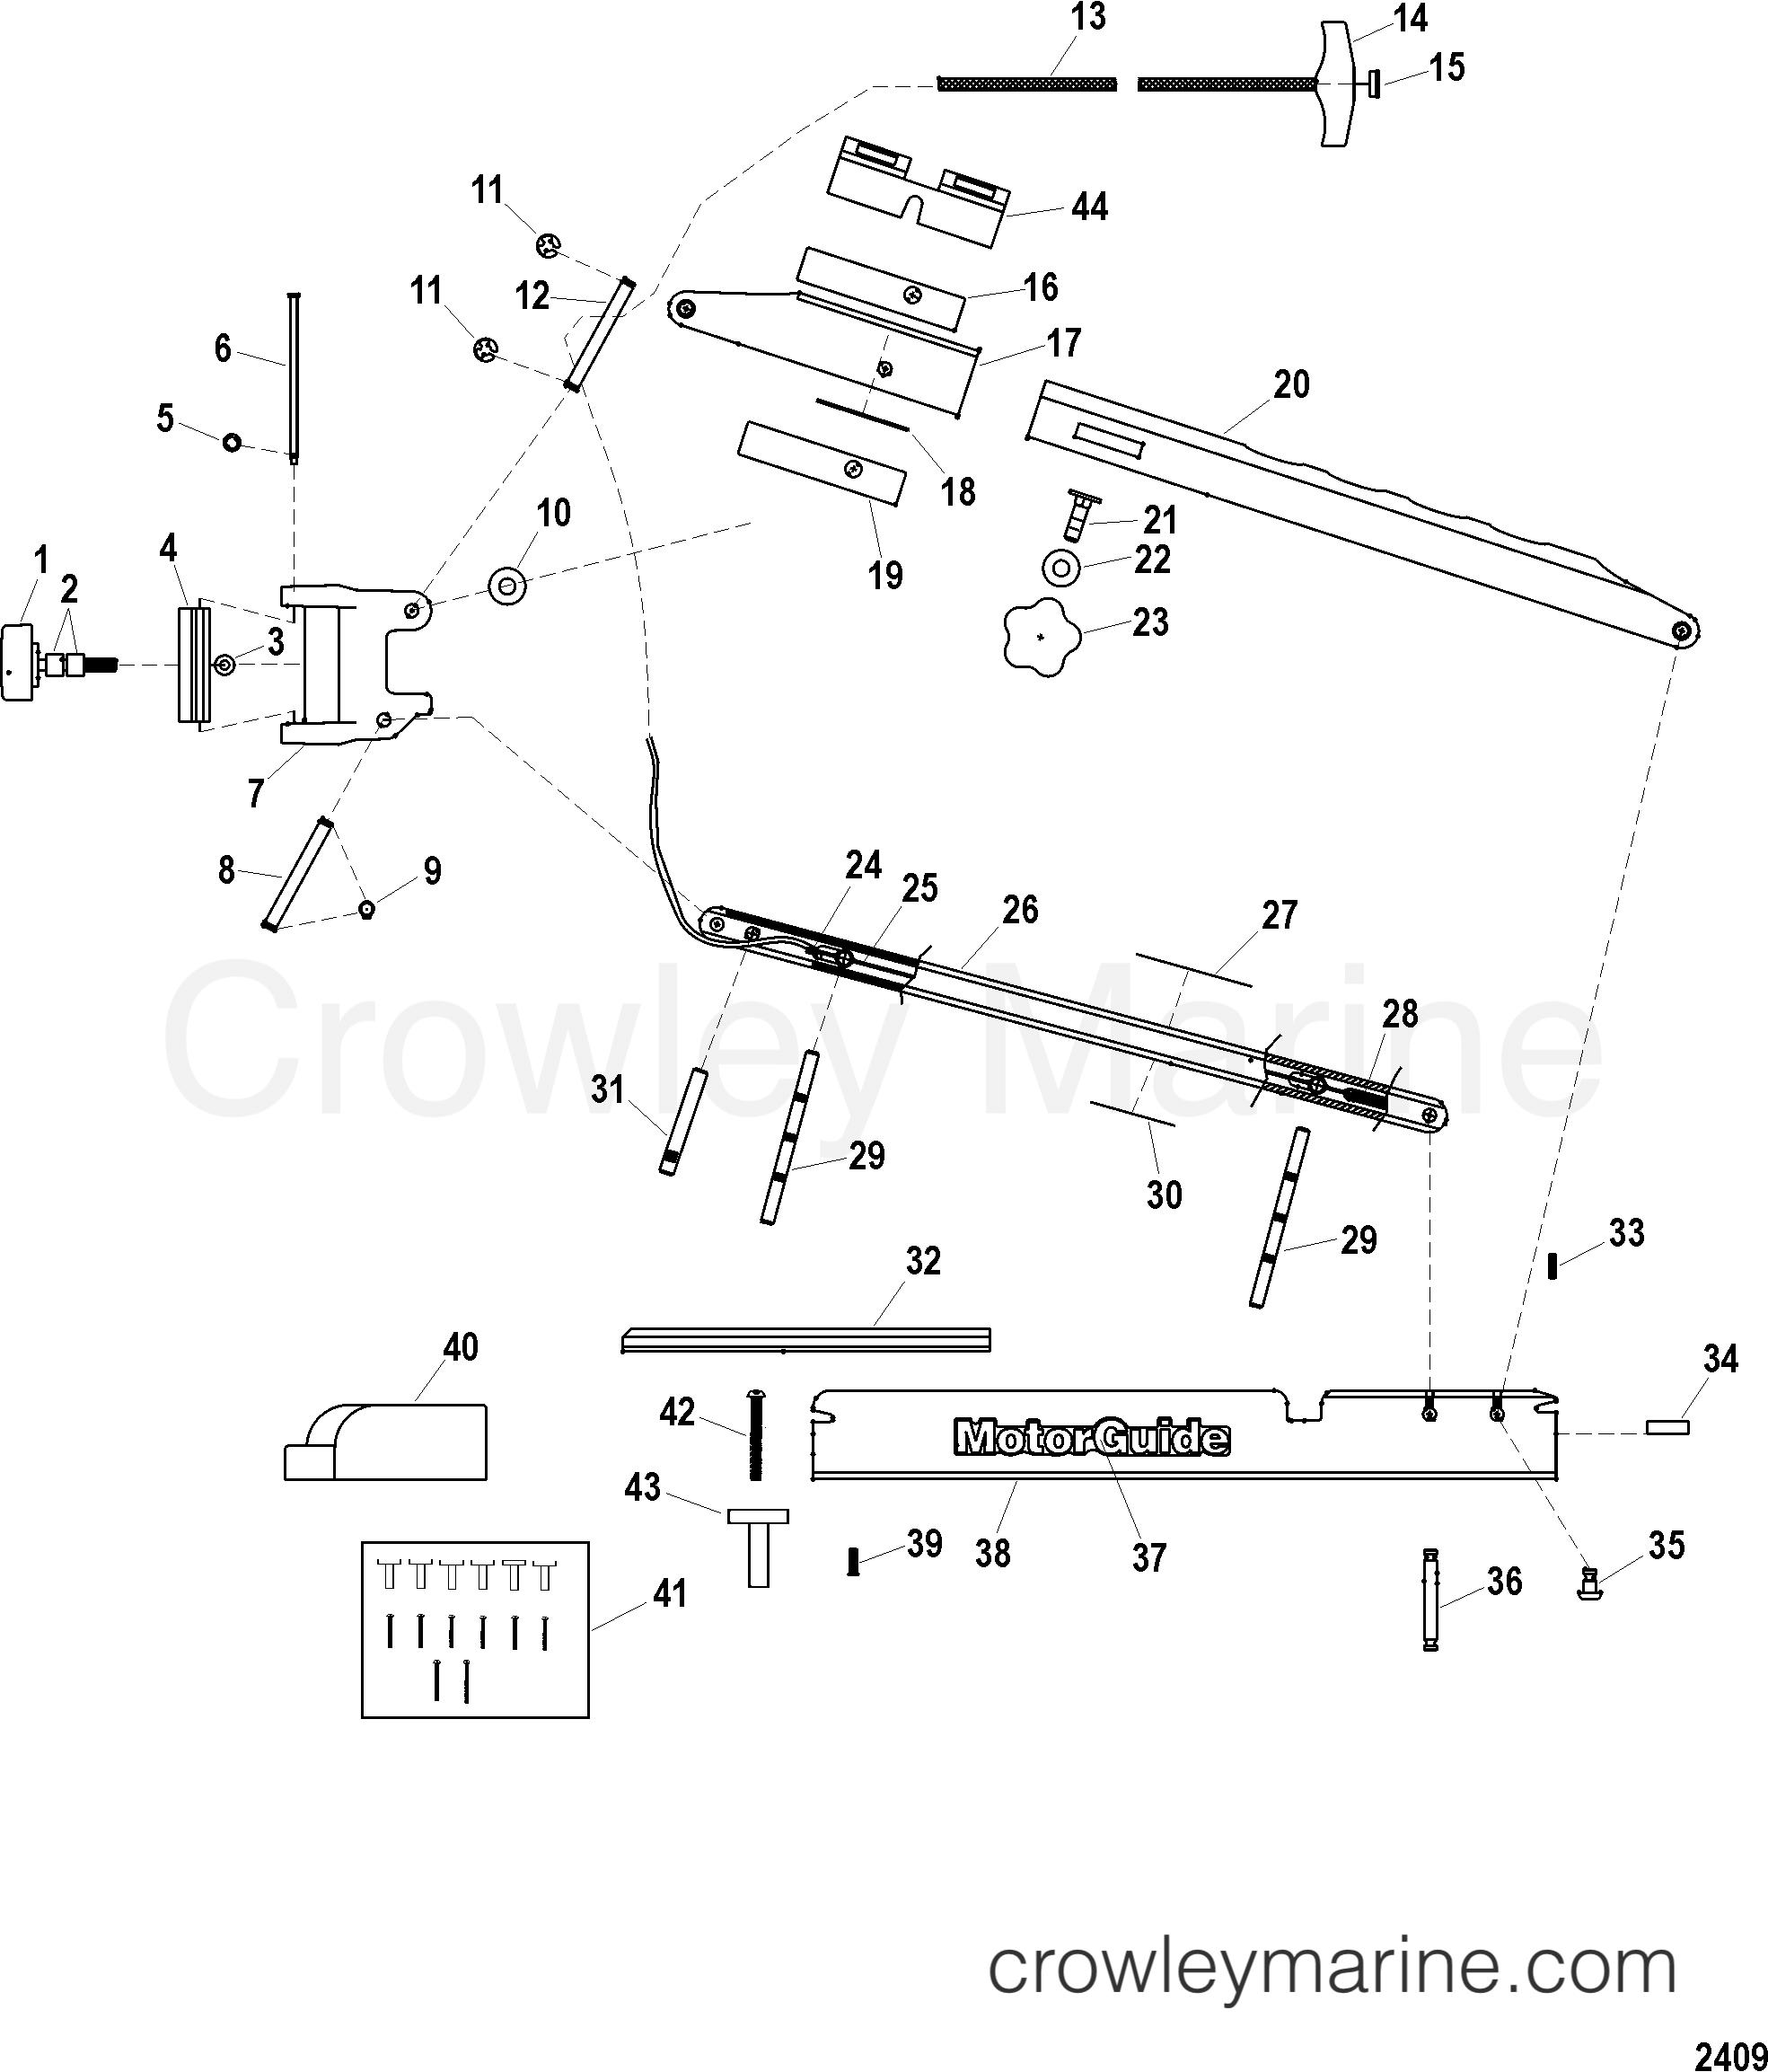 2005 MotorGuide 12V [MOTORGUIDE] - 921310040 16 BOW (BLACK)(MST91642A) section